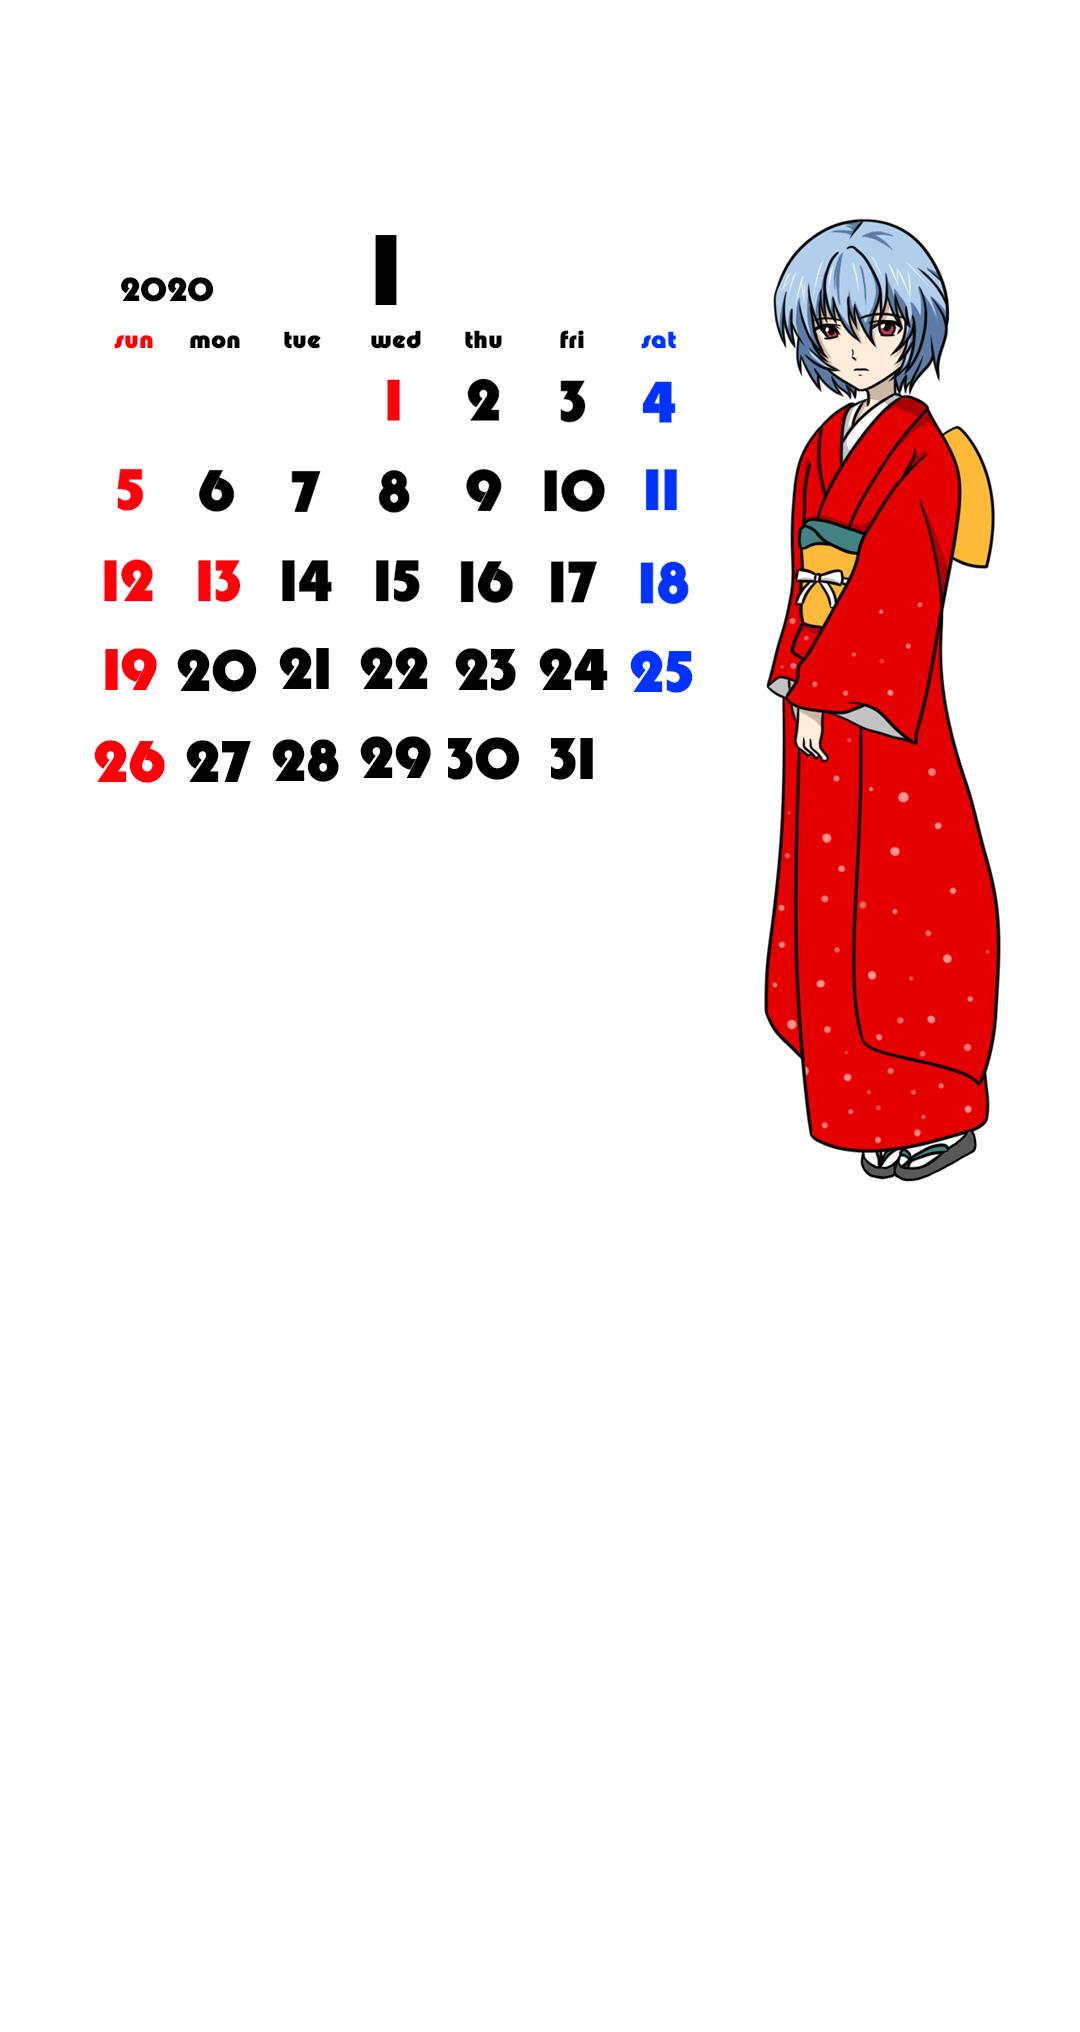 待ち受けカレンダー スマホ壁紙 エヴァンゲリオン 綾波レイ Android用 日曜始まり